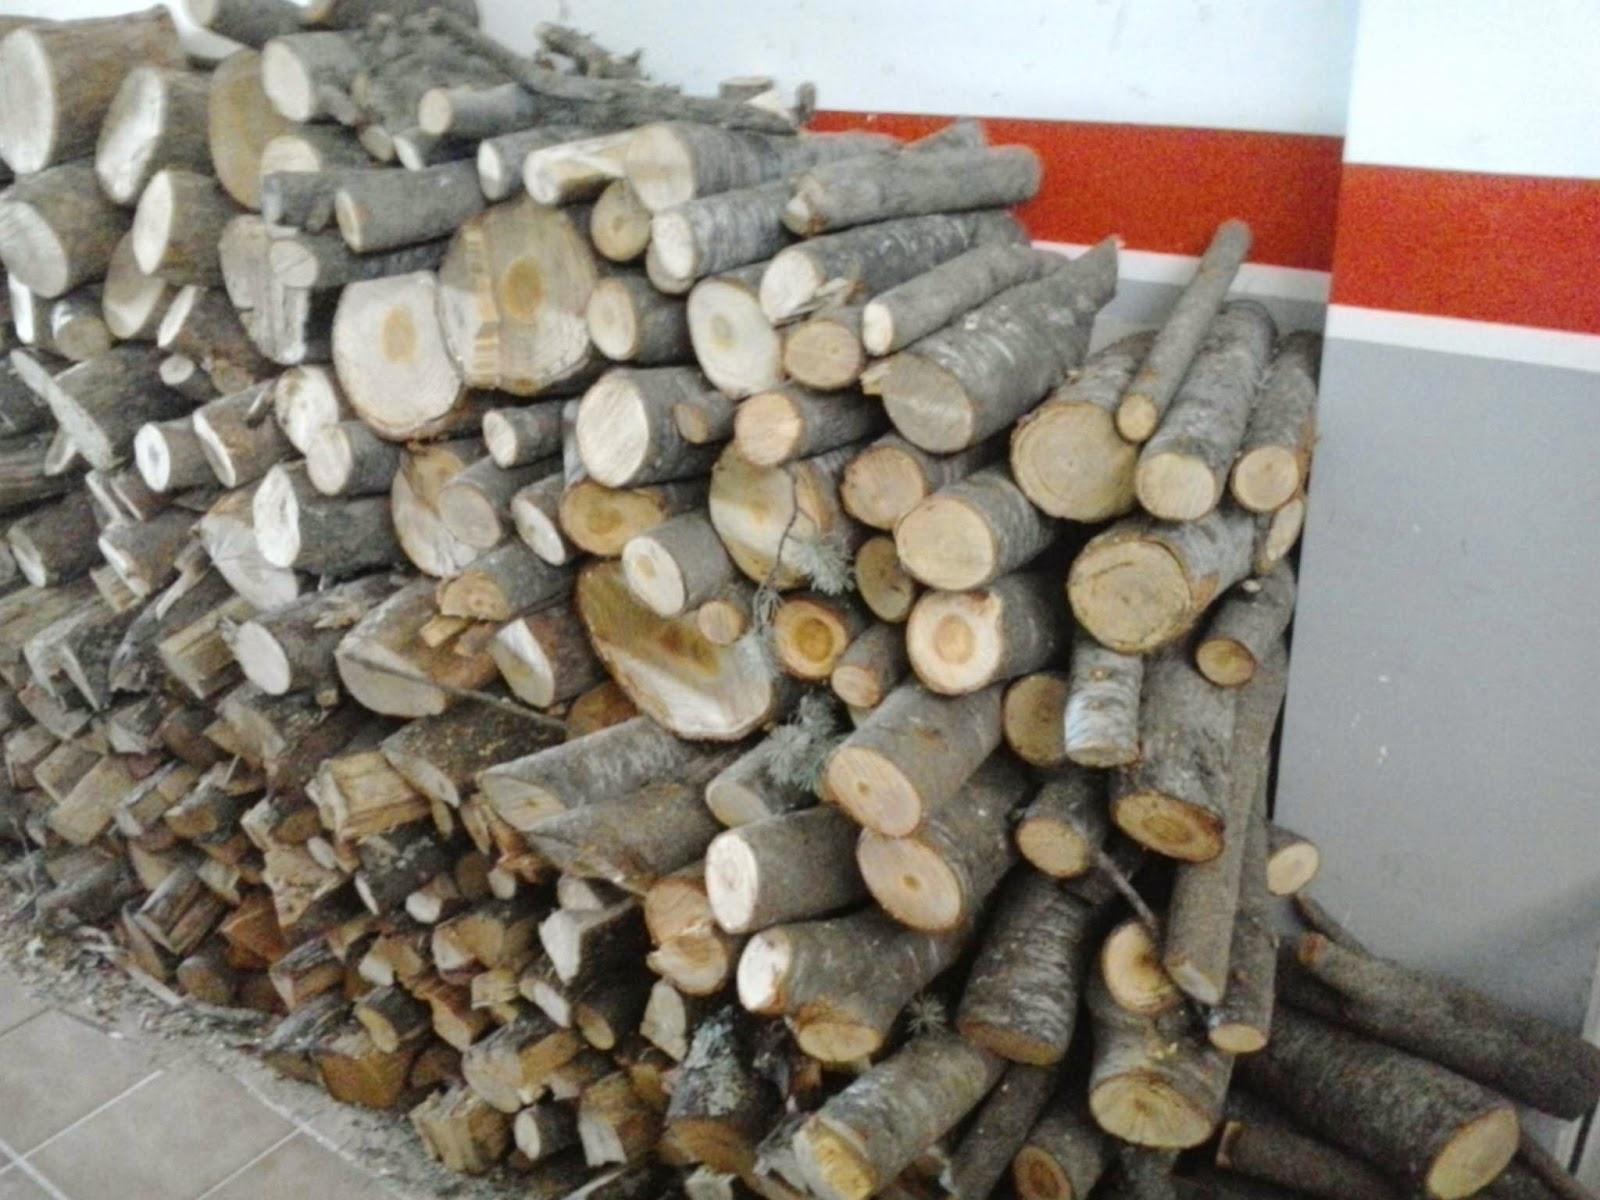 Serviciosdejardineriabasica venta le a pino 10 25kg 20 for Jardineria barata barcelona